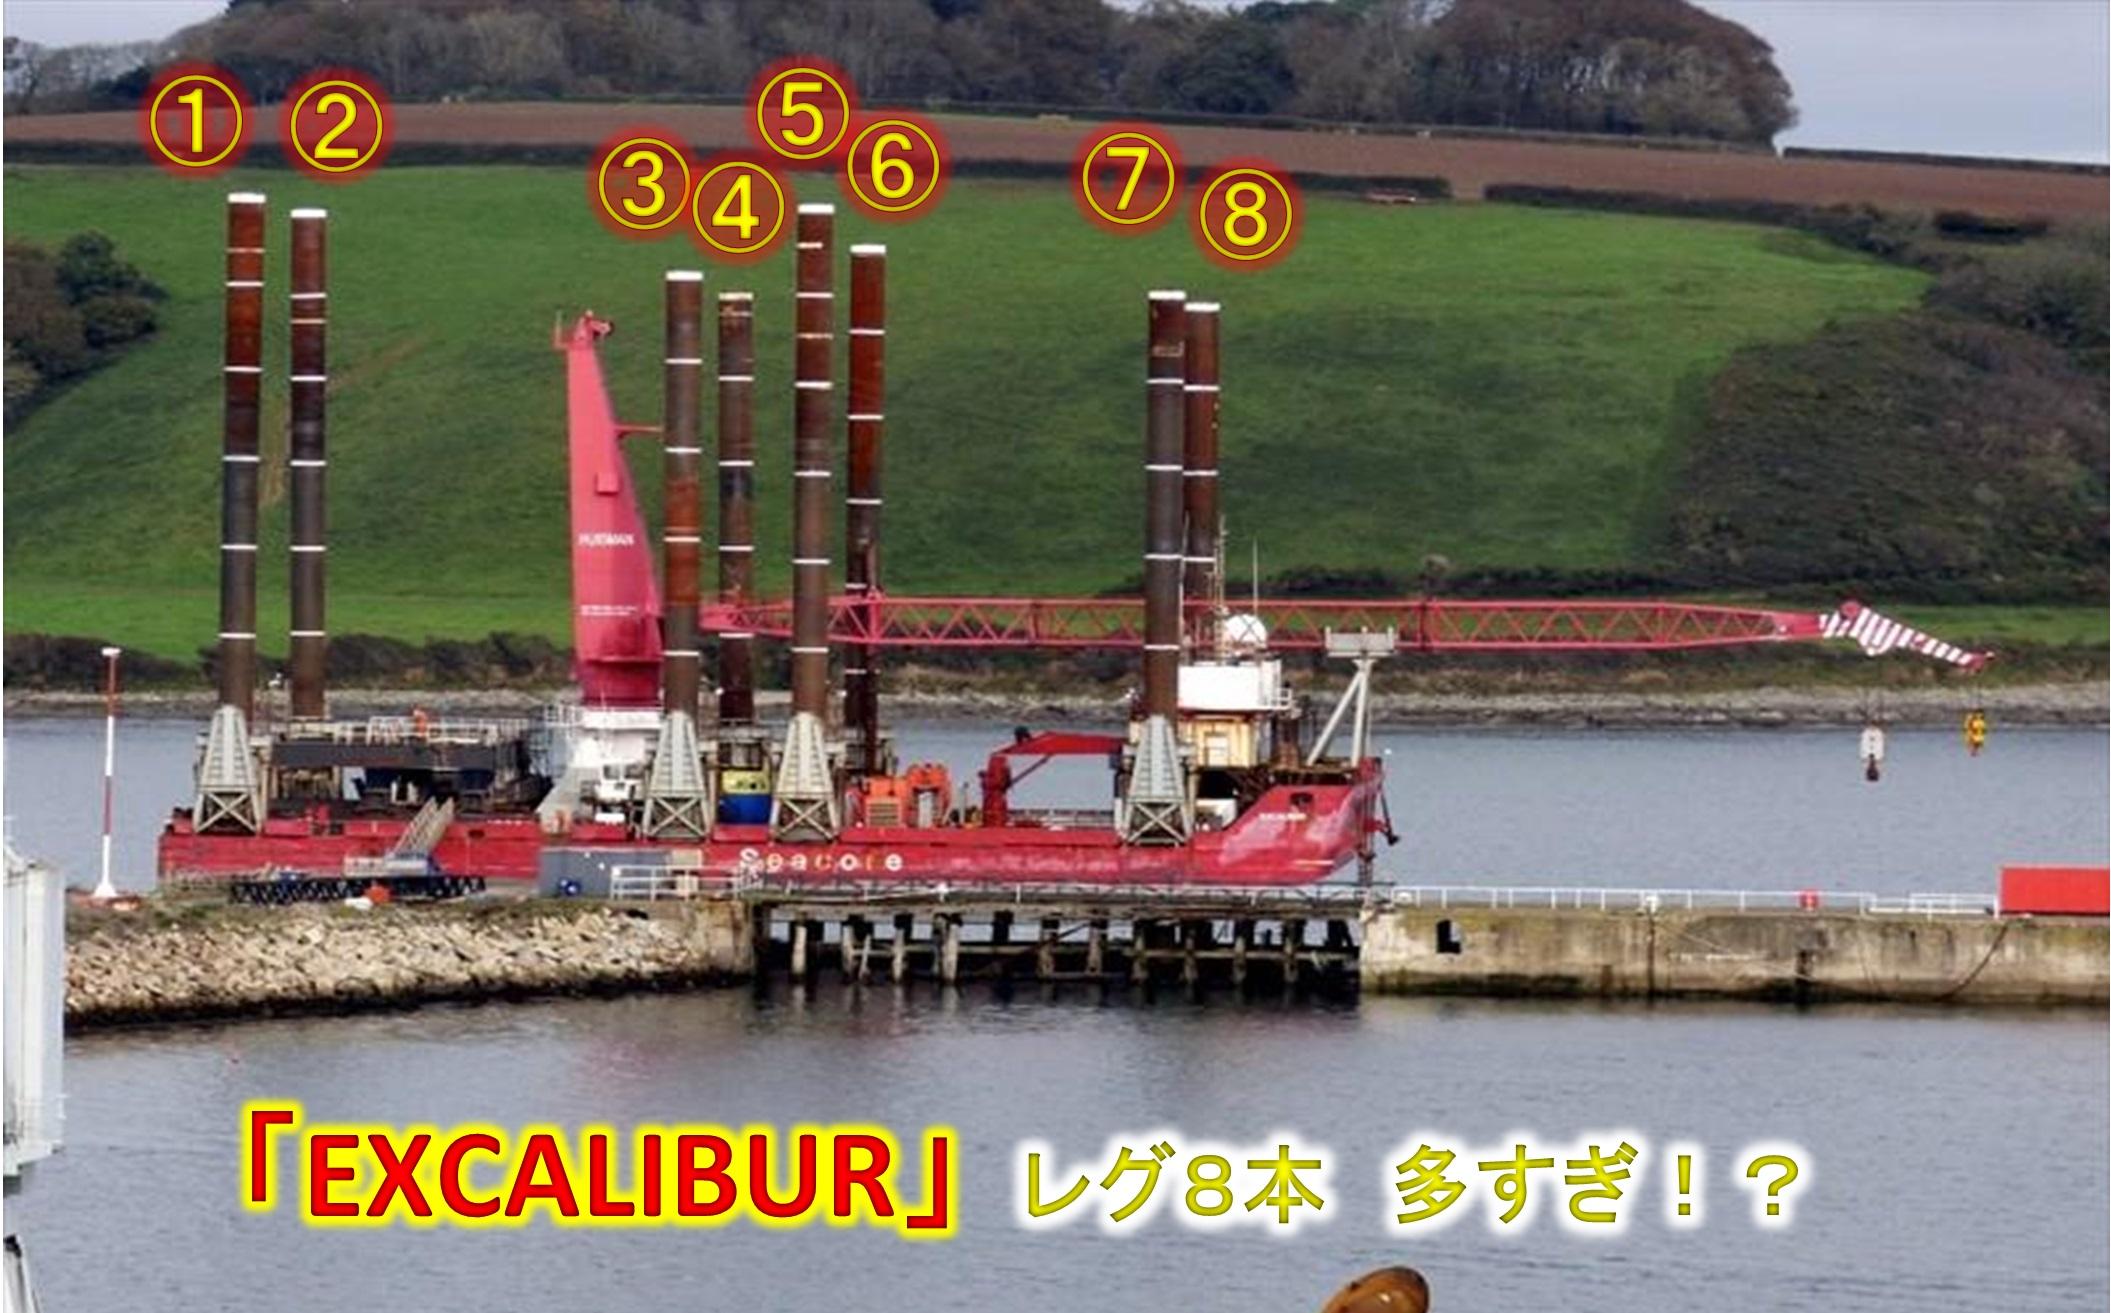 EXCALIBUR_title.jpg